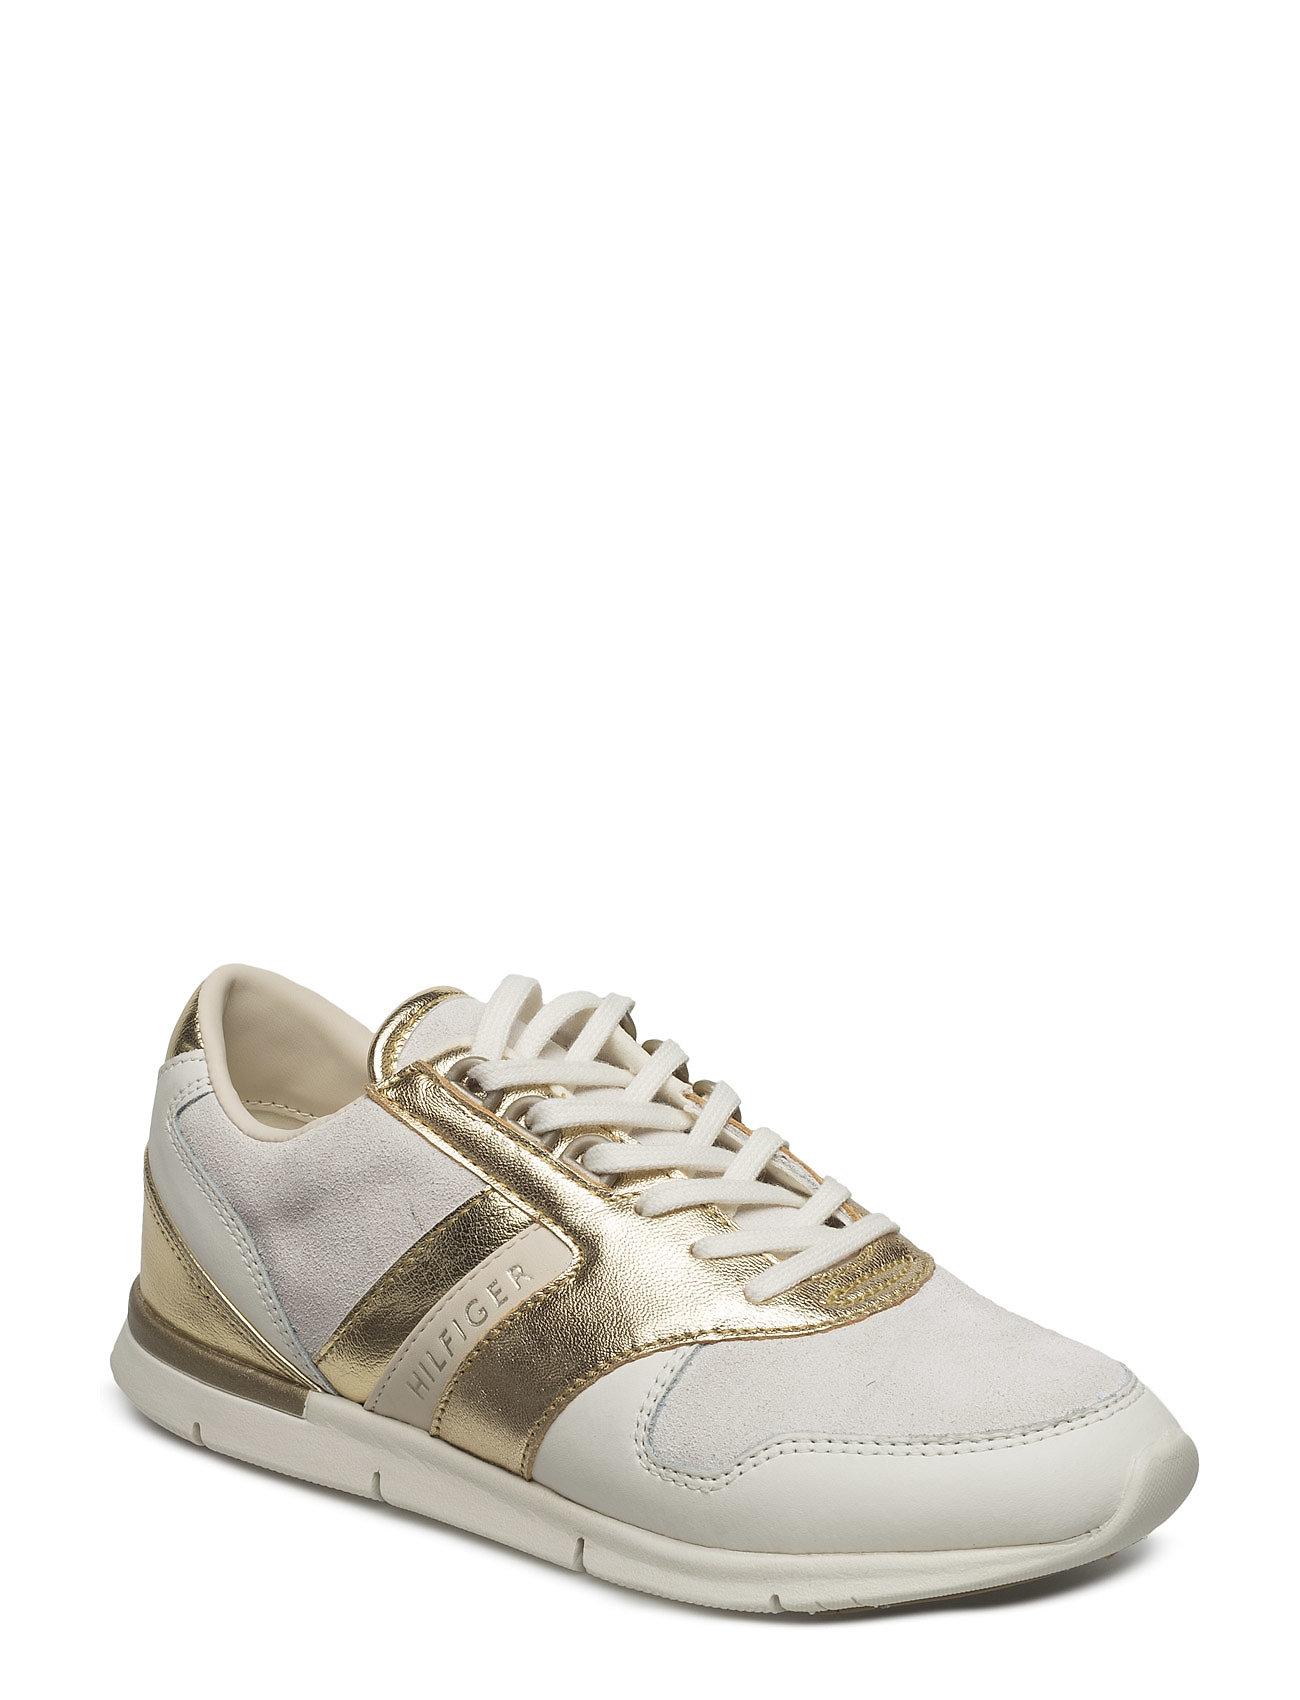 S1285kye 1c1 Tommy Hilfiger Sneakers til Damer i hvid